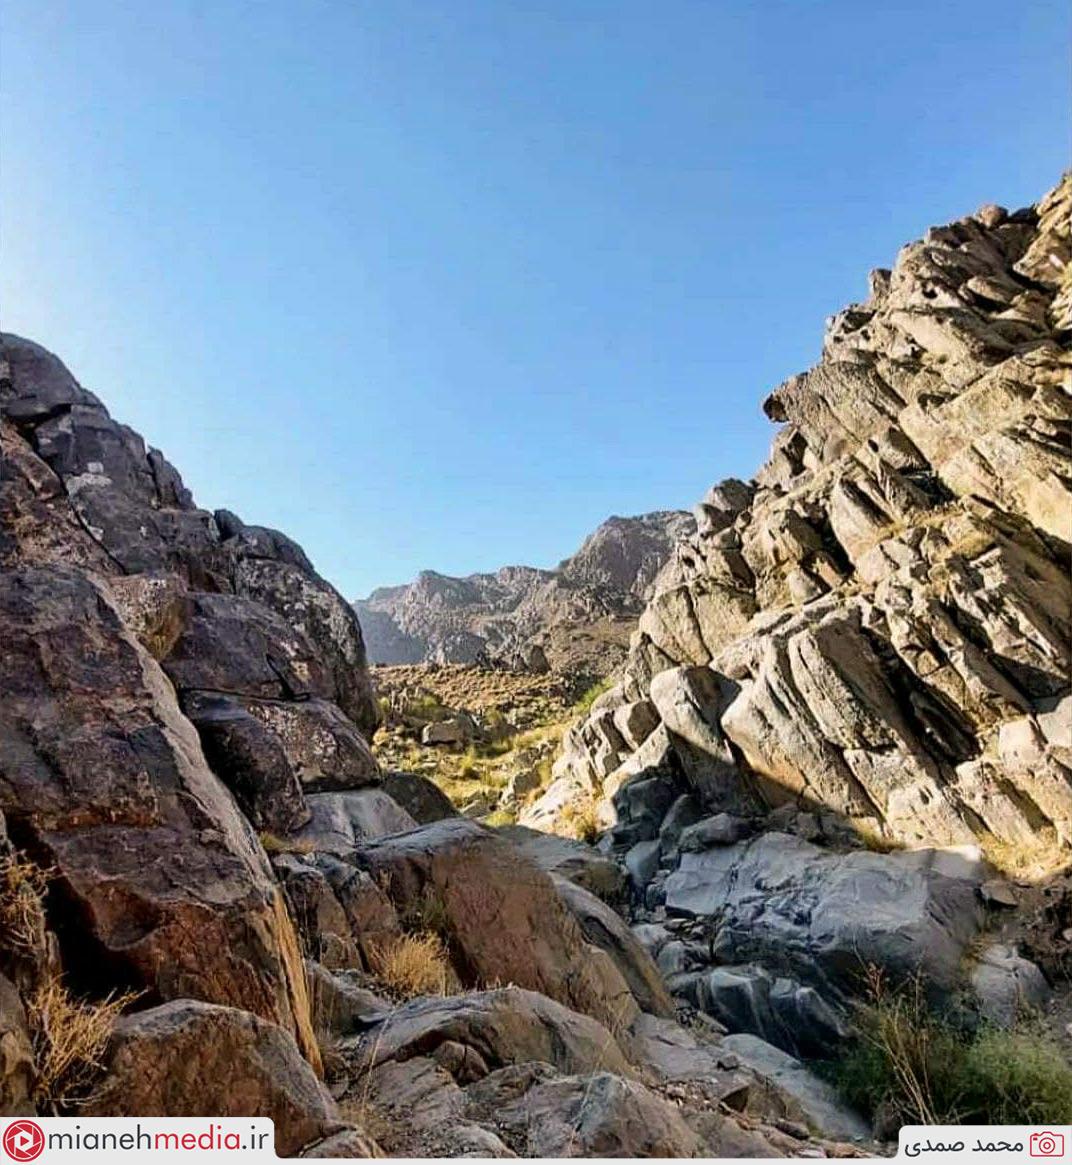 دورنمای قله آغ داغ رشته کوه بوزقوش با ارتفاع بیش از ۳۳۰۰ متر، از زاویه قله یللی با ارتفاع ۳۱۰۰ متر